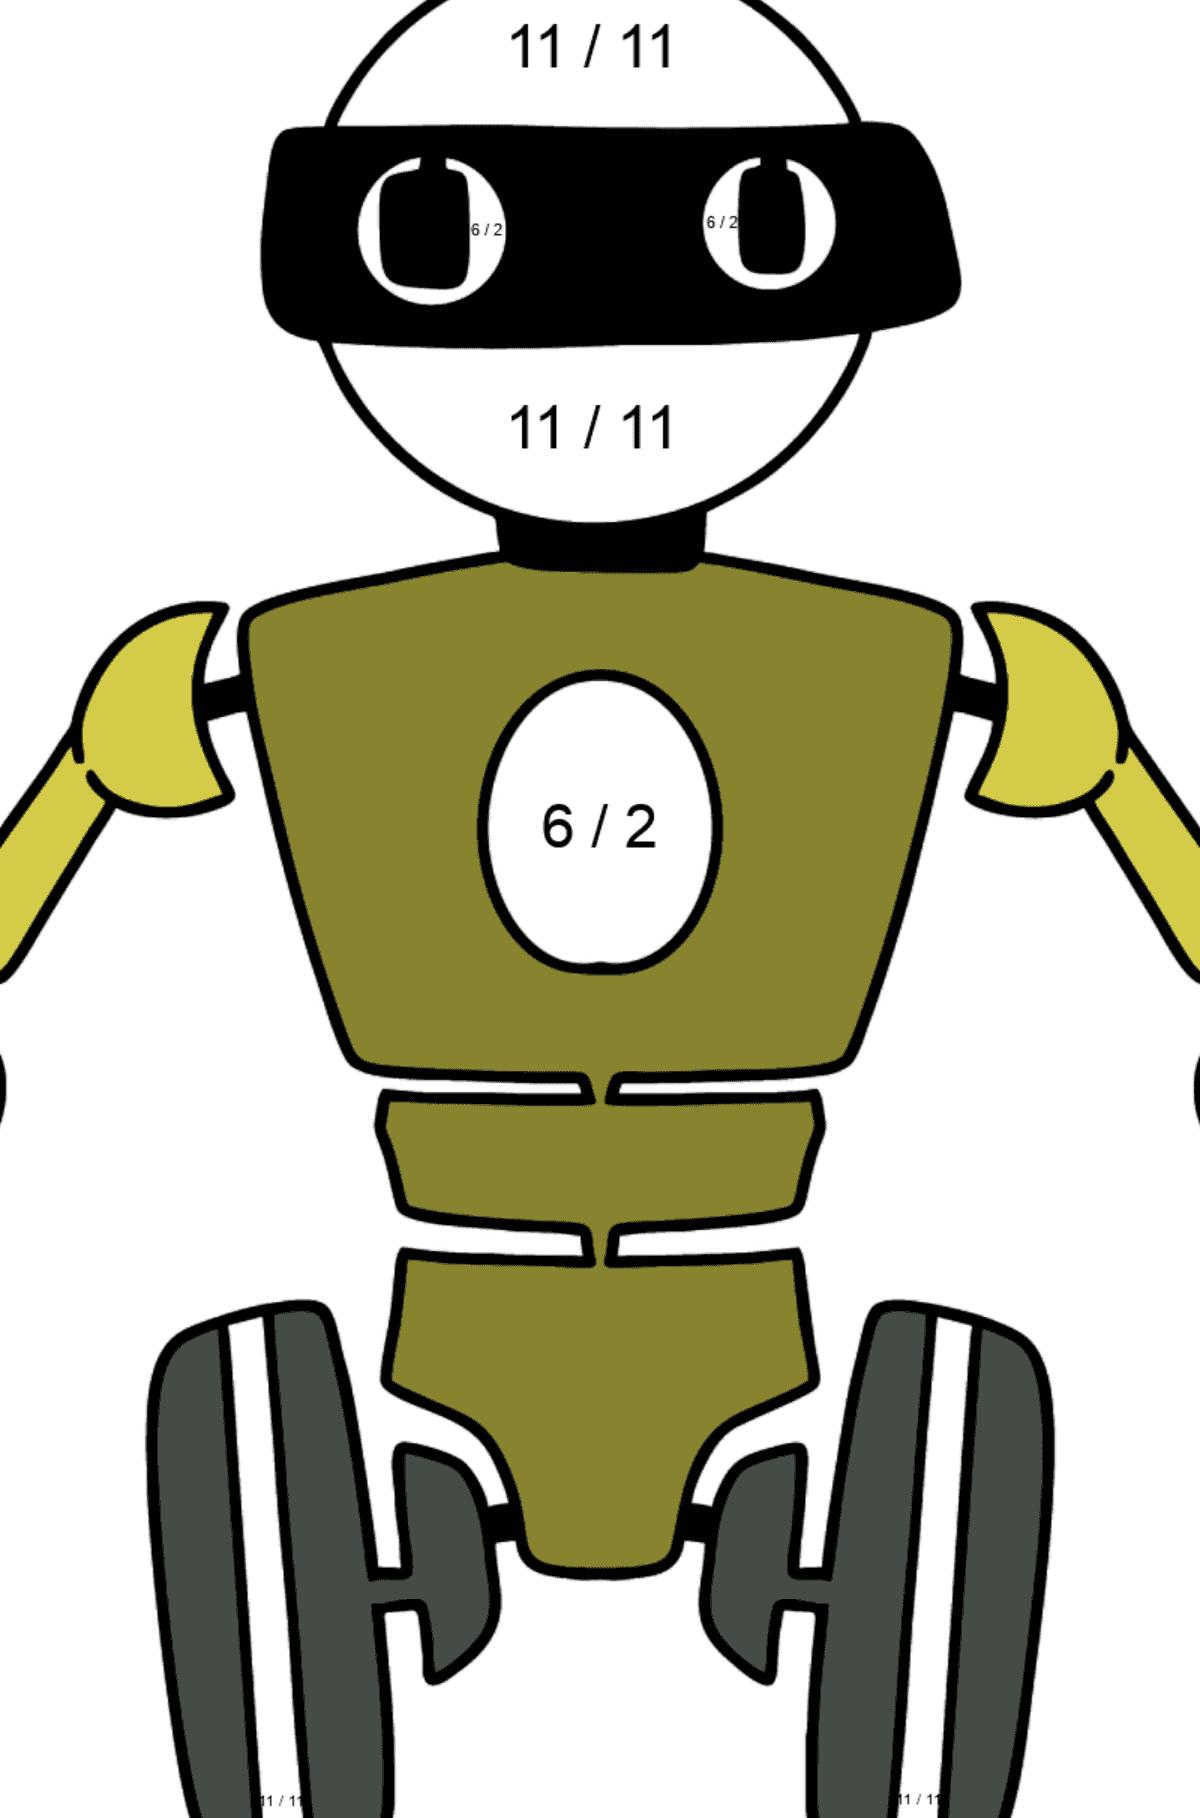 Раскраска мультяшный робот - Математическая Раскраска - Деление для Детей